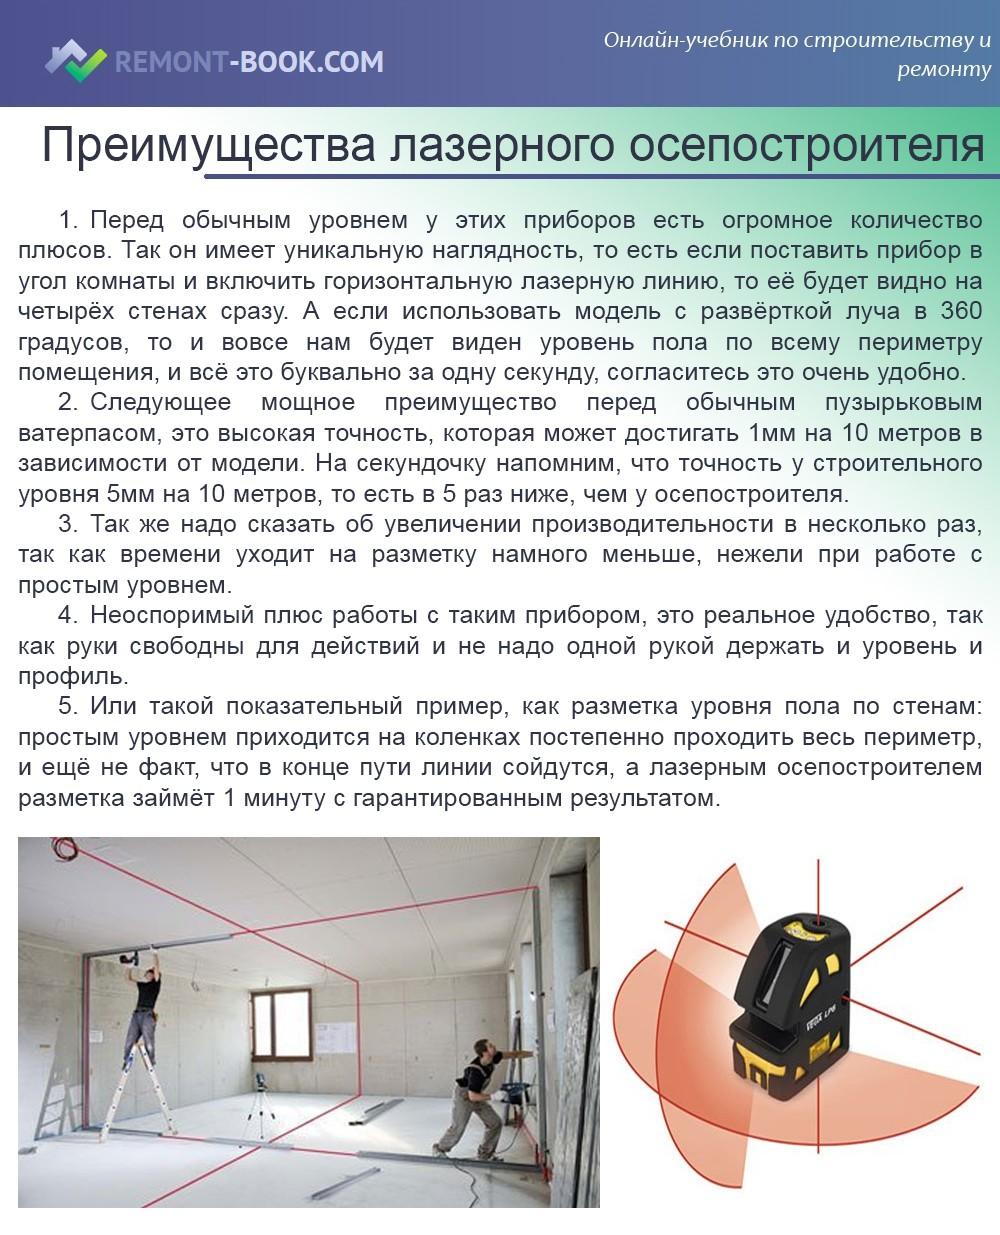 Преимущества лазерного осепостроителя